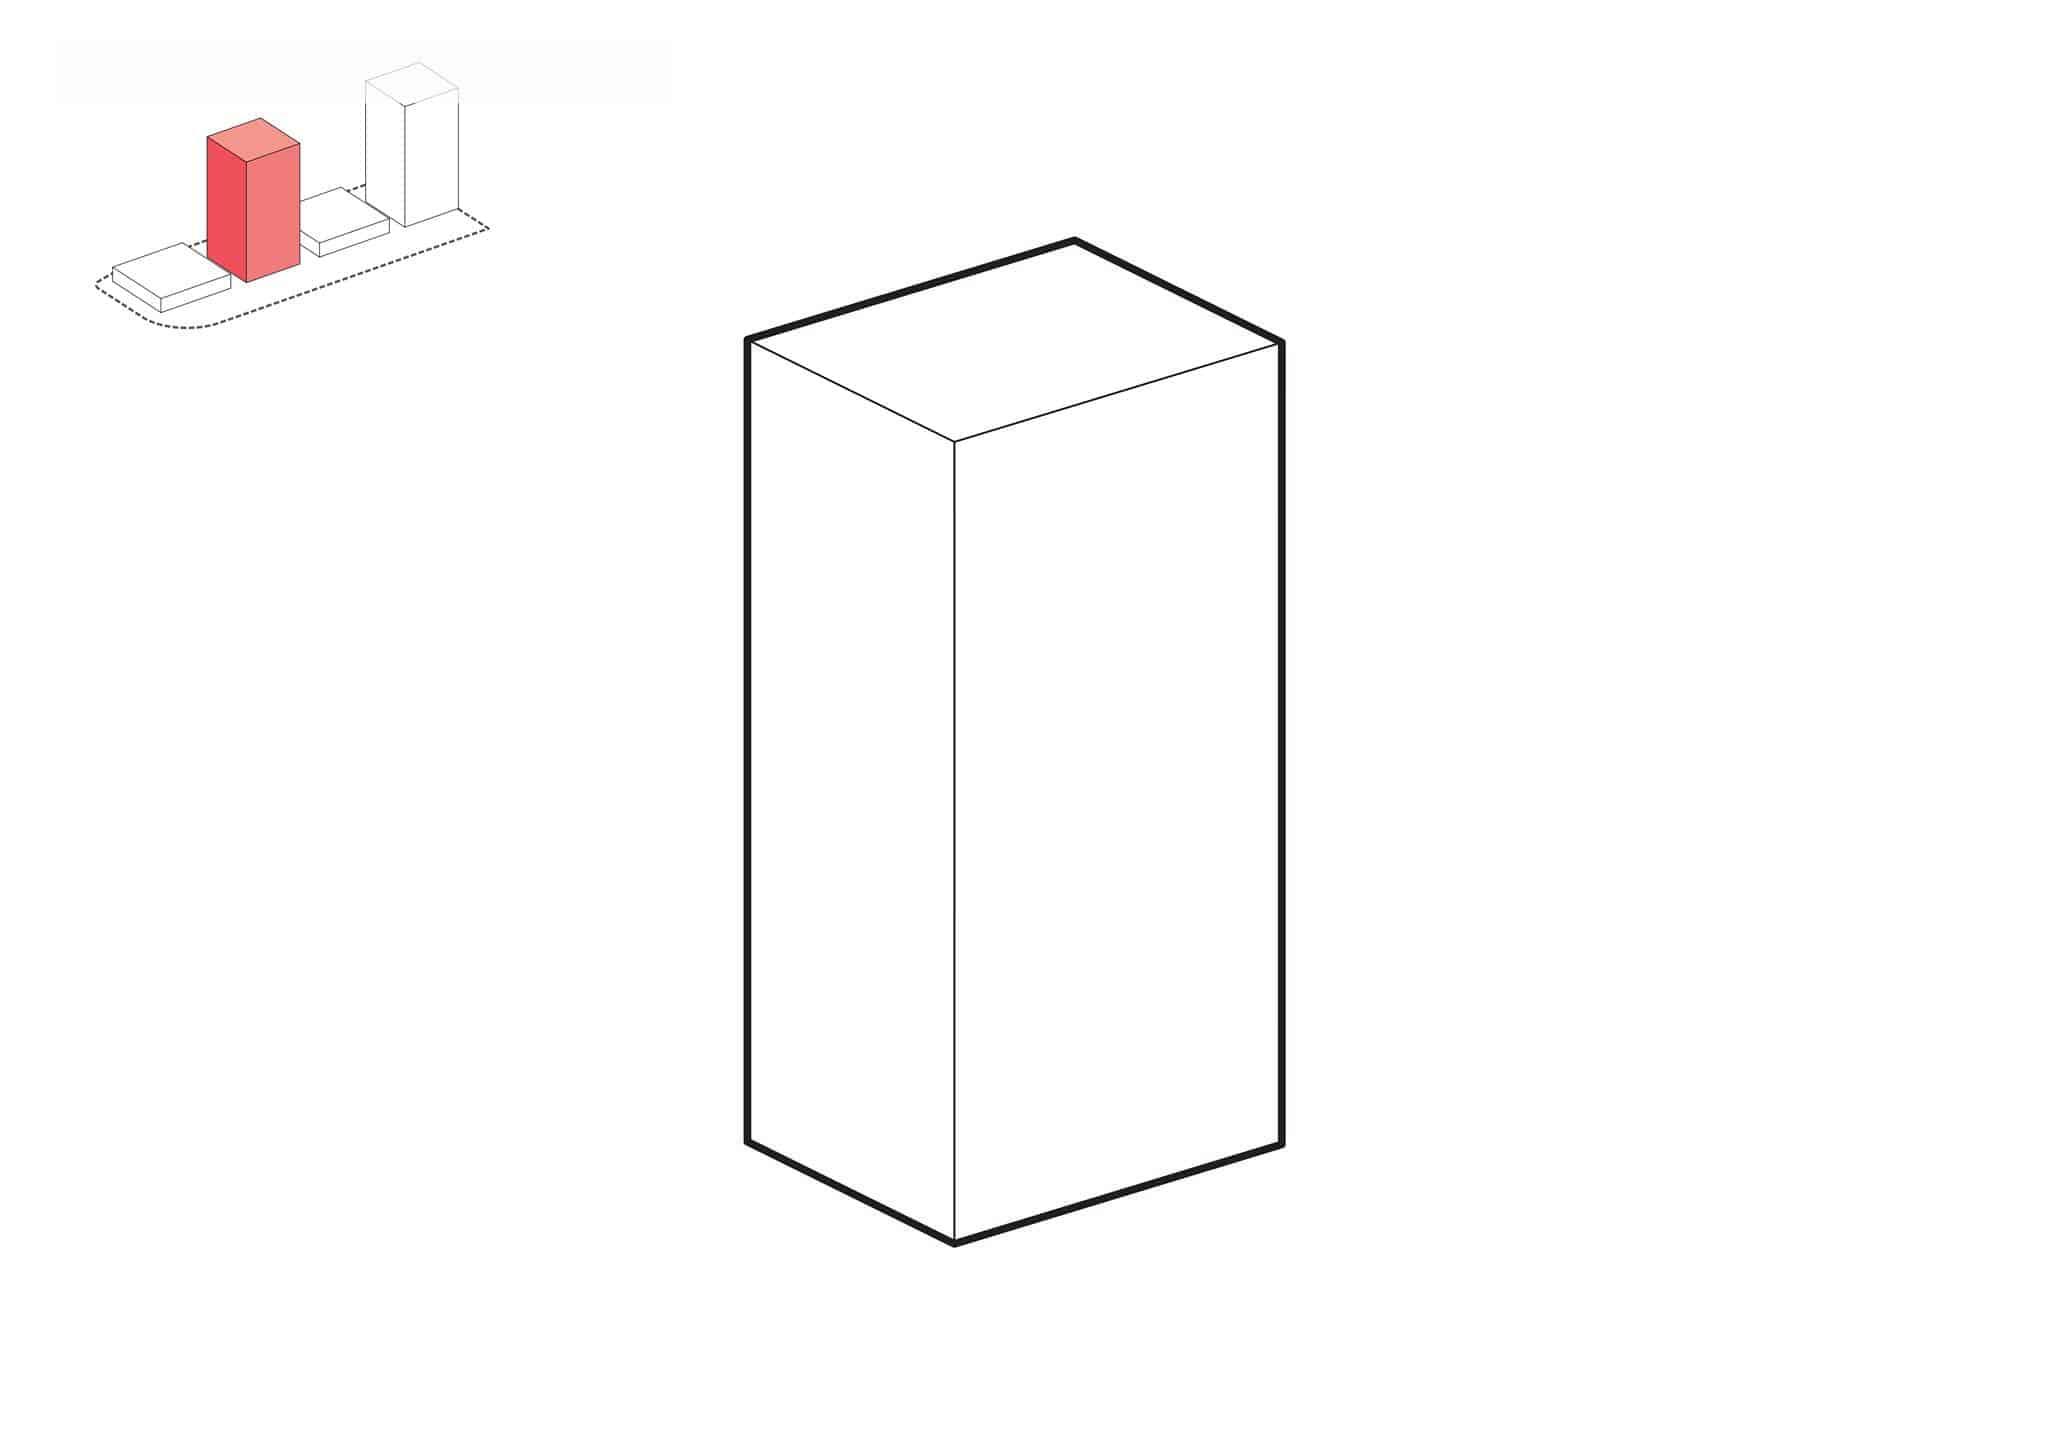 בונים מגדלי מגורים עם סקצ'אפ וזוכים בתחרויות! 3